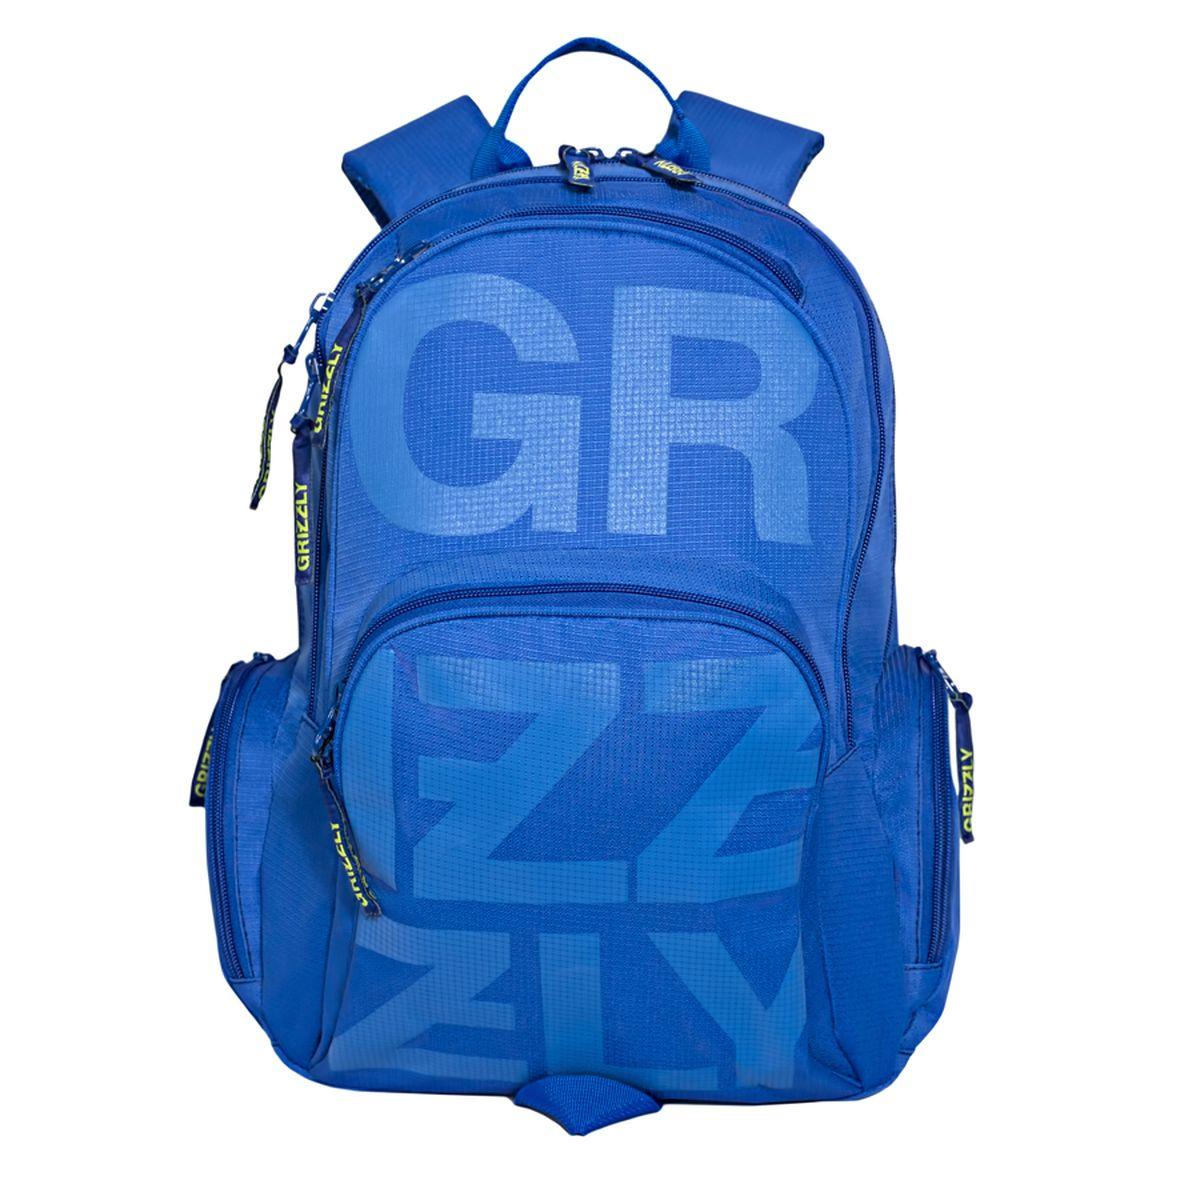 Рюкзак молодежный Grizzly, цвет: синий. 26 л. RU-706-1/1RU-706-1/1Рюкзак молодежный, два отделения, карман на молнии на передней стенке, объемный карман на молнии на передней стенке, объемные боковые карманы на молнии, внутренний карман-пенал для карандашей, внутренний карман под гаджет и карман на молнии, жесткая анатомическая спинка, дополнительная ручка-петля, укрепленные лямки